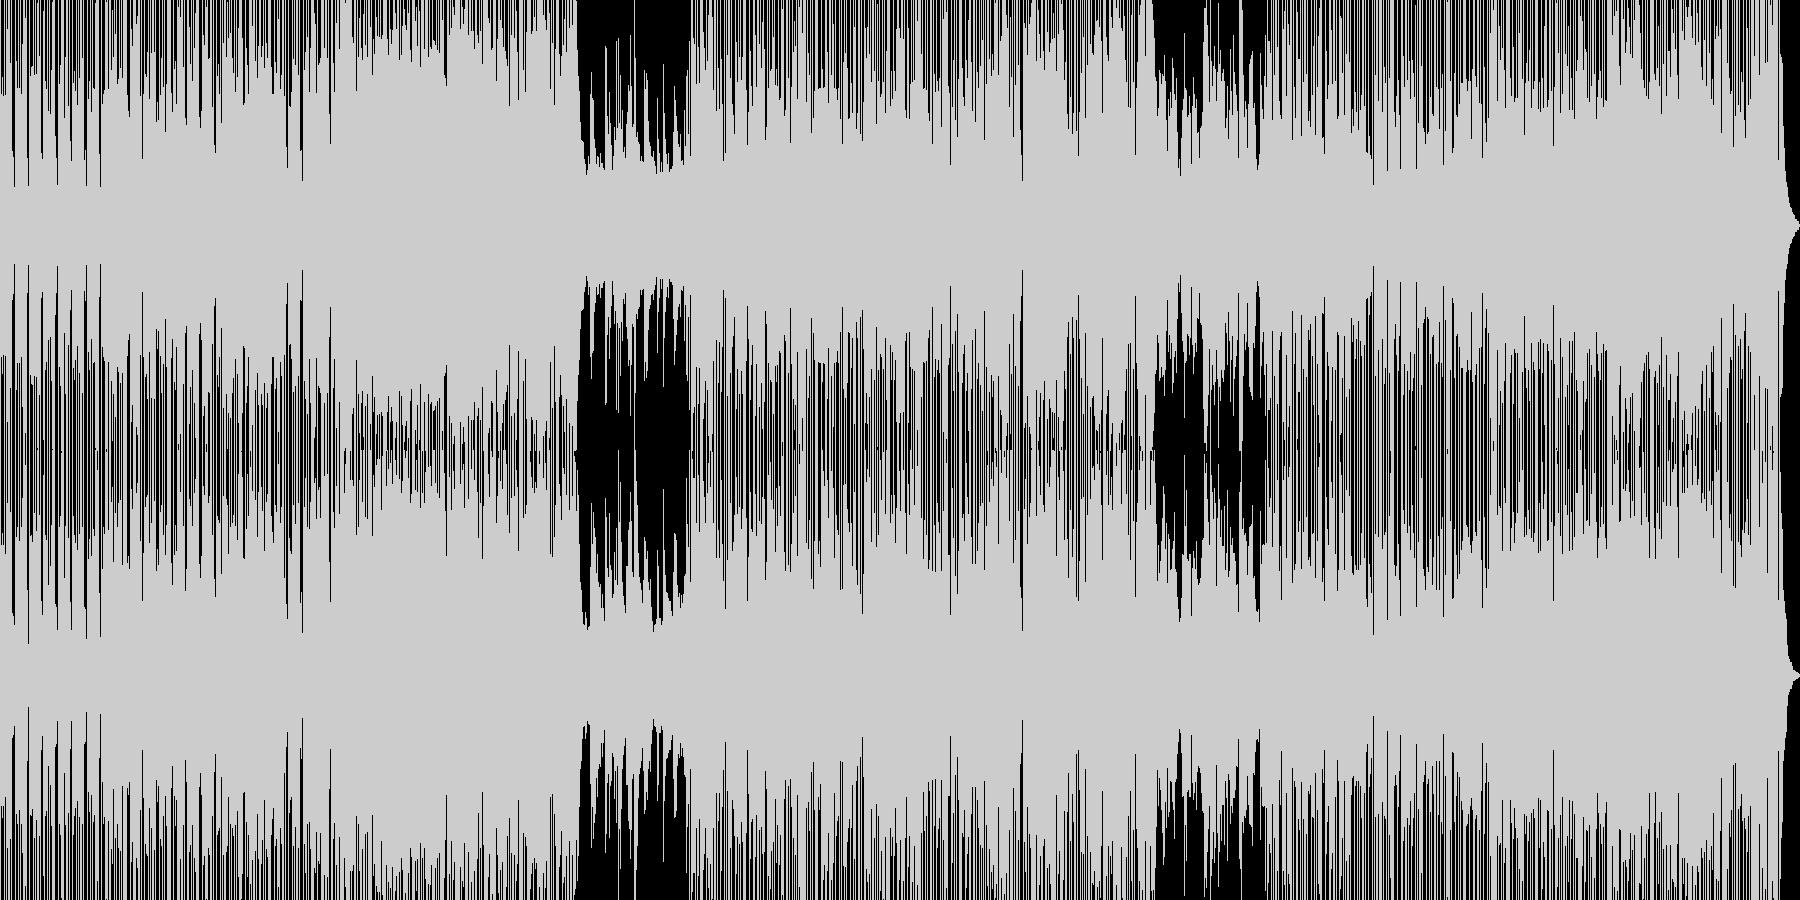 都会的イメージBGMの未再生の波形